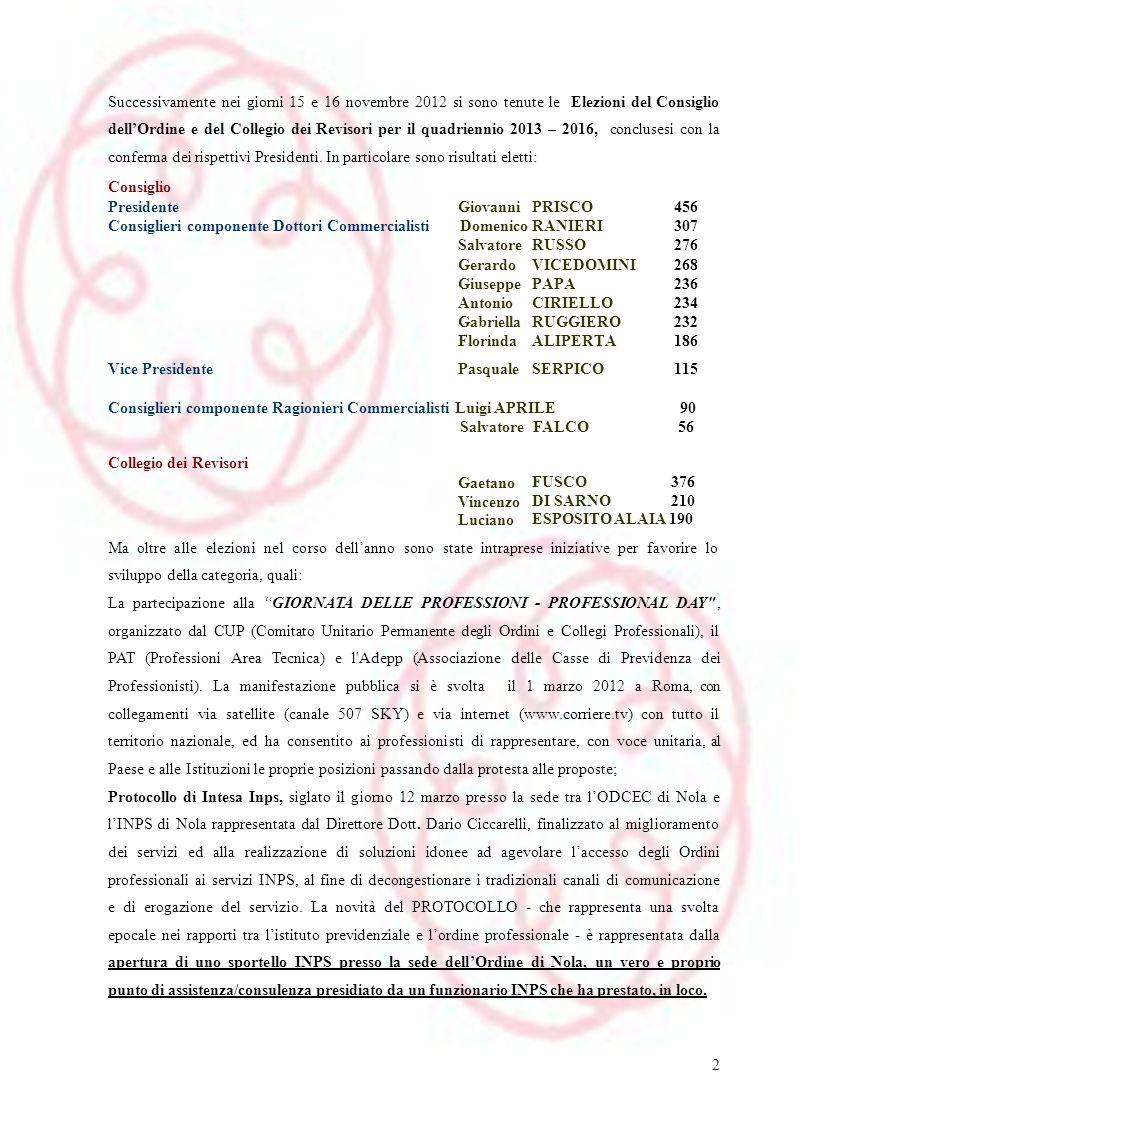 Successivamente nei giorni 15 e 16 novembre 2012 si sono tenute le Elezioni del Consiglio dellOrdine e del Collegio dei Revisori per il quadriennio 20